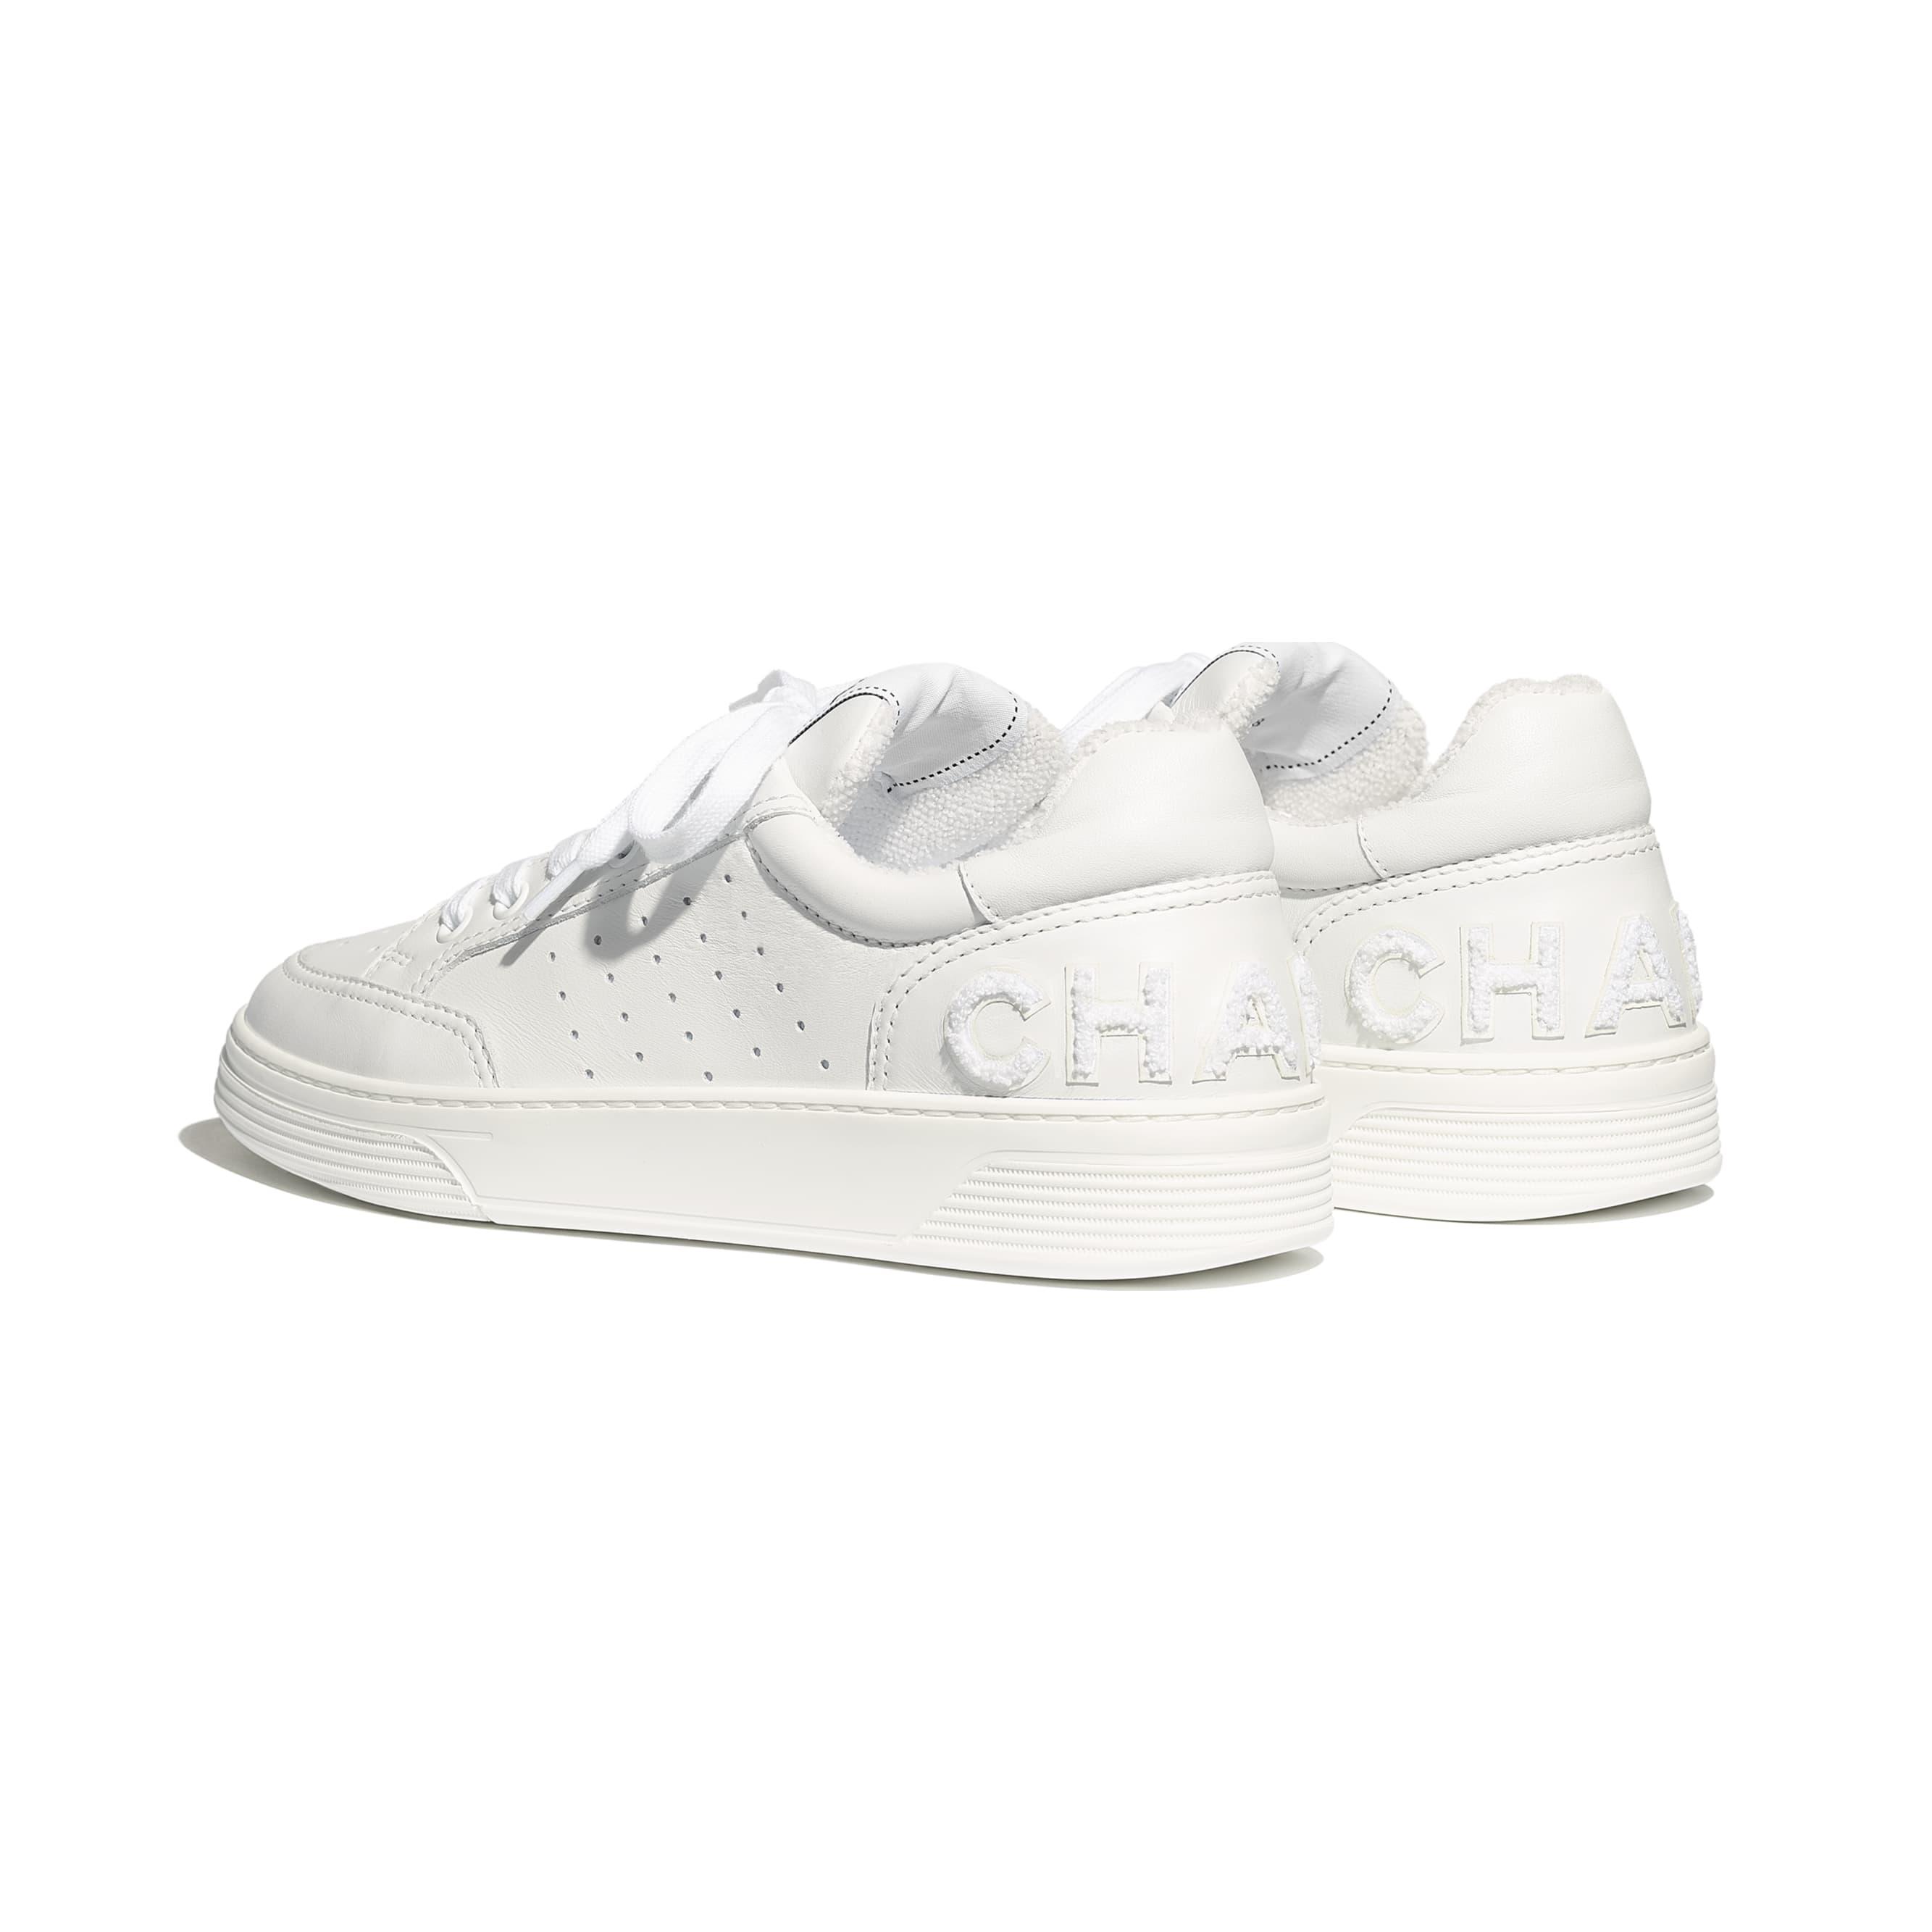 Sneakers - Weiß - Kalbsleder - Weitere Ansicht - Standardgröße anzeigen